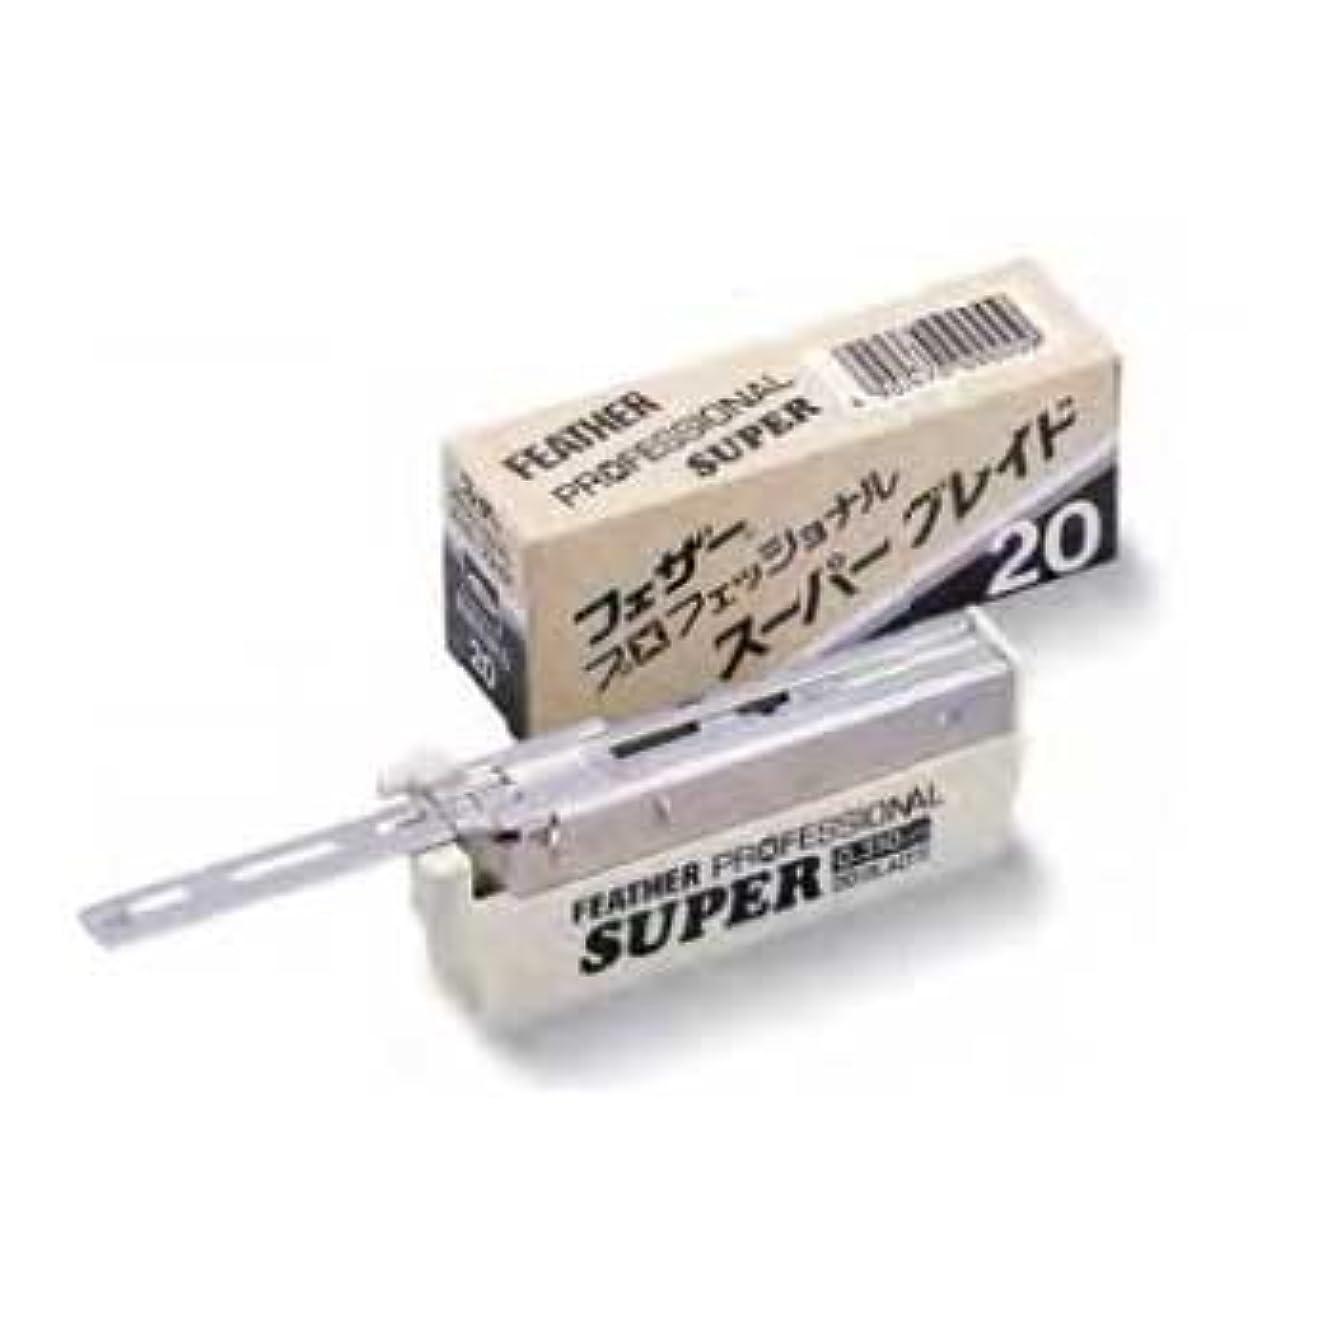 加速度ウールライフルフェザー プロフェッショナル スーパーブレイド PS-20 20枚×10 替刃 刃先がぶれずに安定シェービング FEATHER アーティストクラブ用替刃